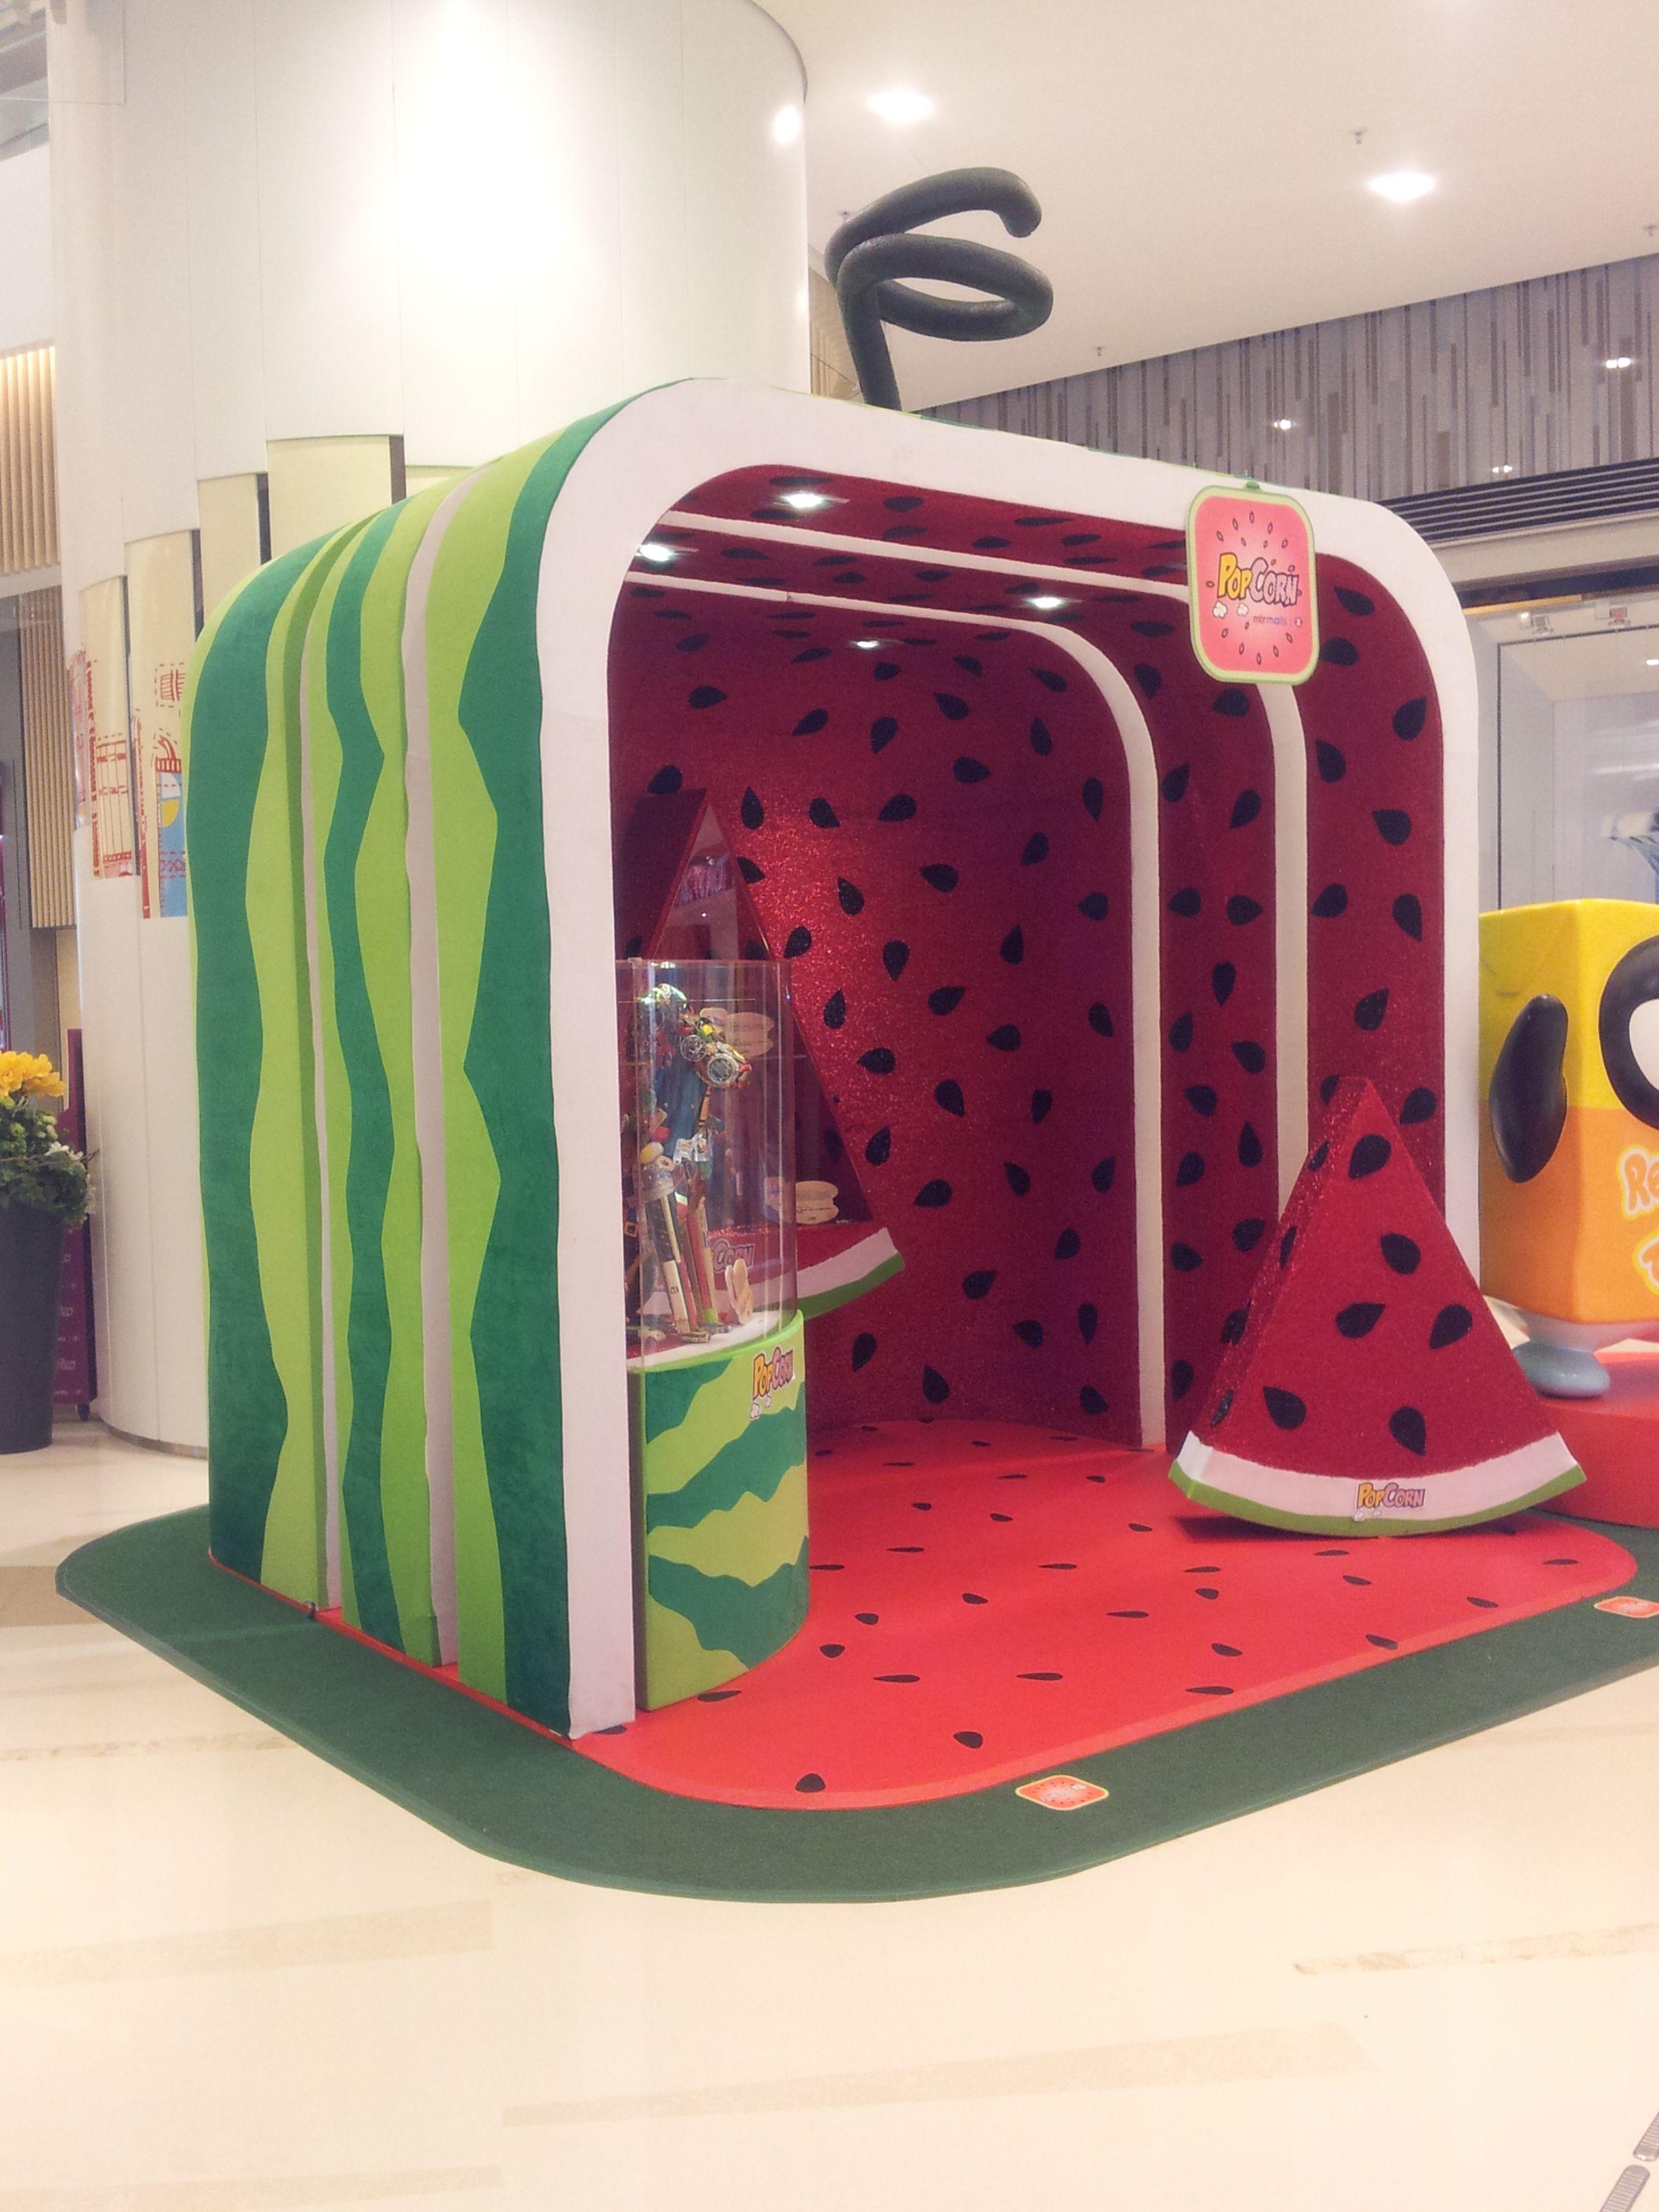 Display at Hong Kong Shopping Mall